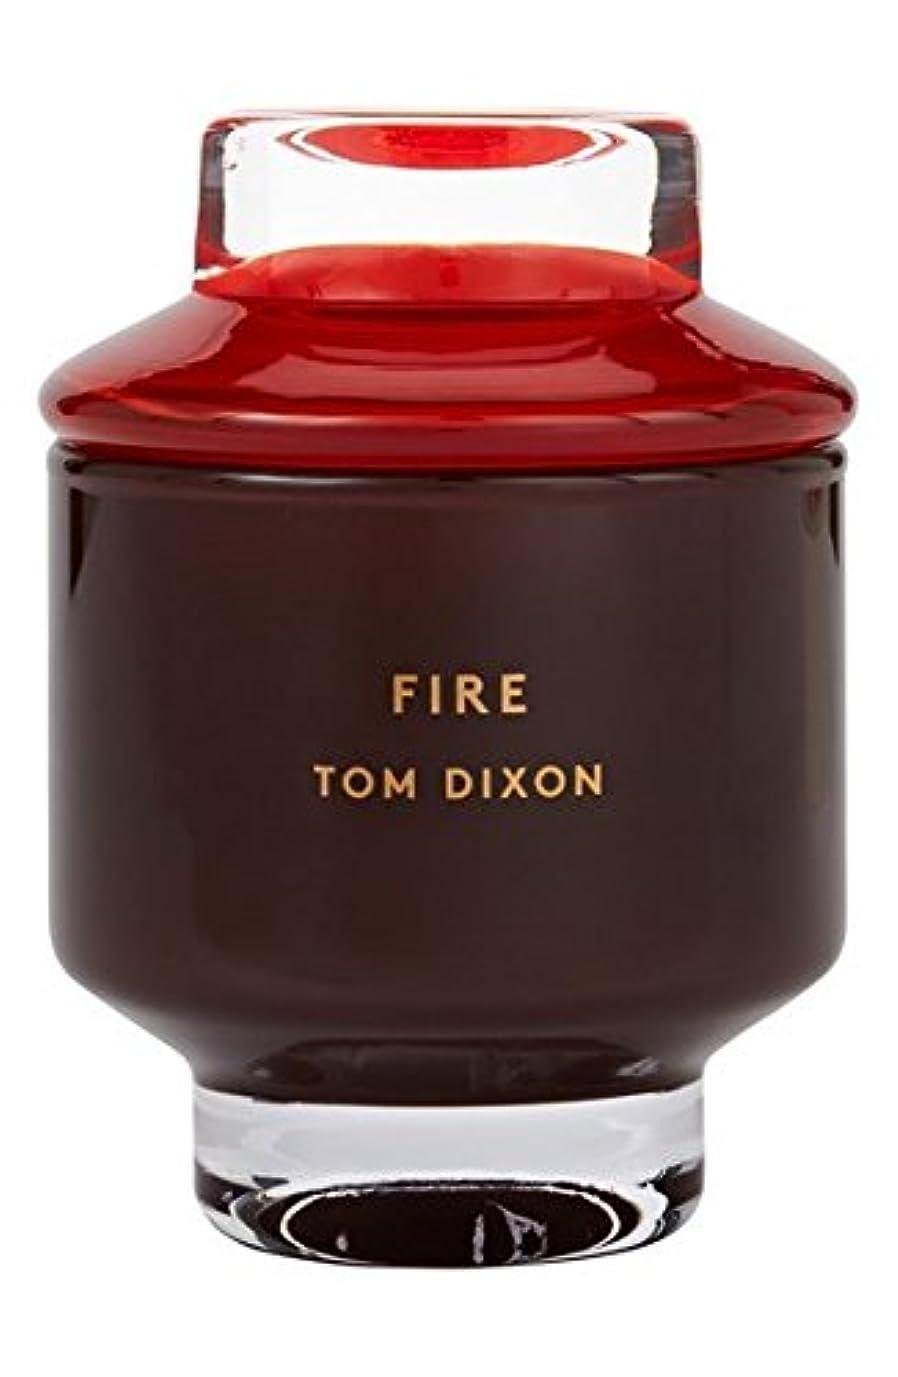 予知先史時代の反対するTom Dixon 'Fire' Candle (トム ディクソン 'ファイヤー' キャンドル小) Small